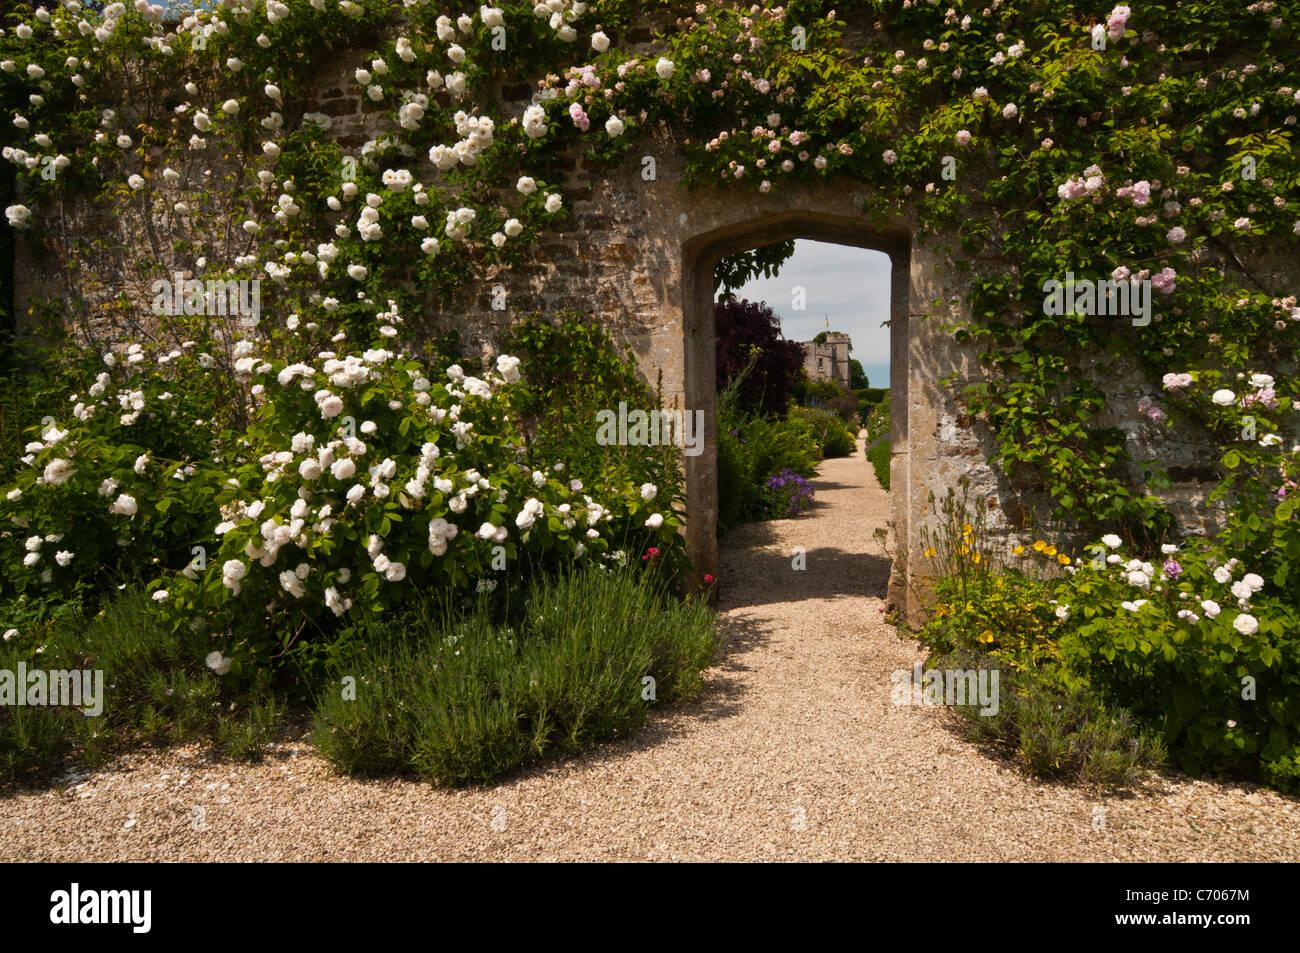 Rosen Klettern eine Steinmauer und Gestaltung den Blick auf den ...